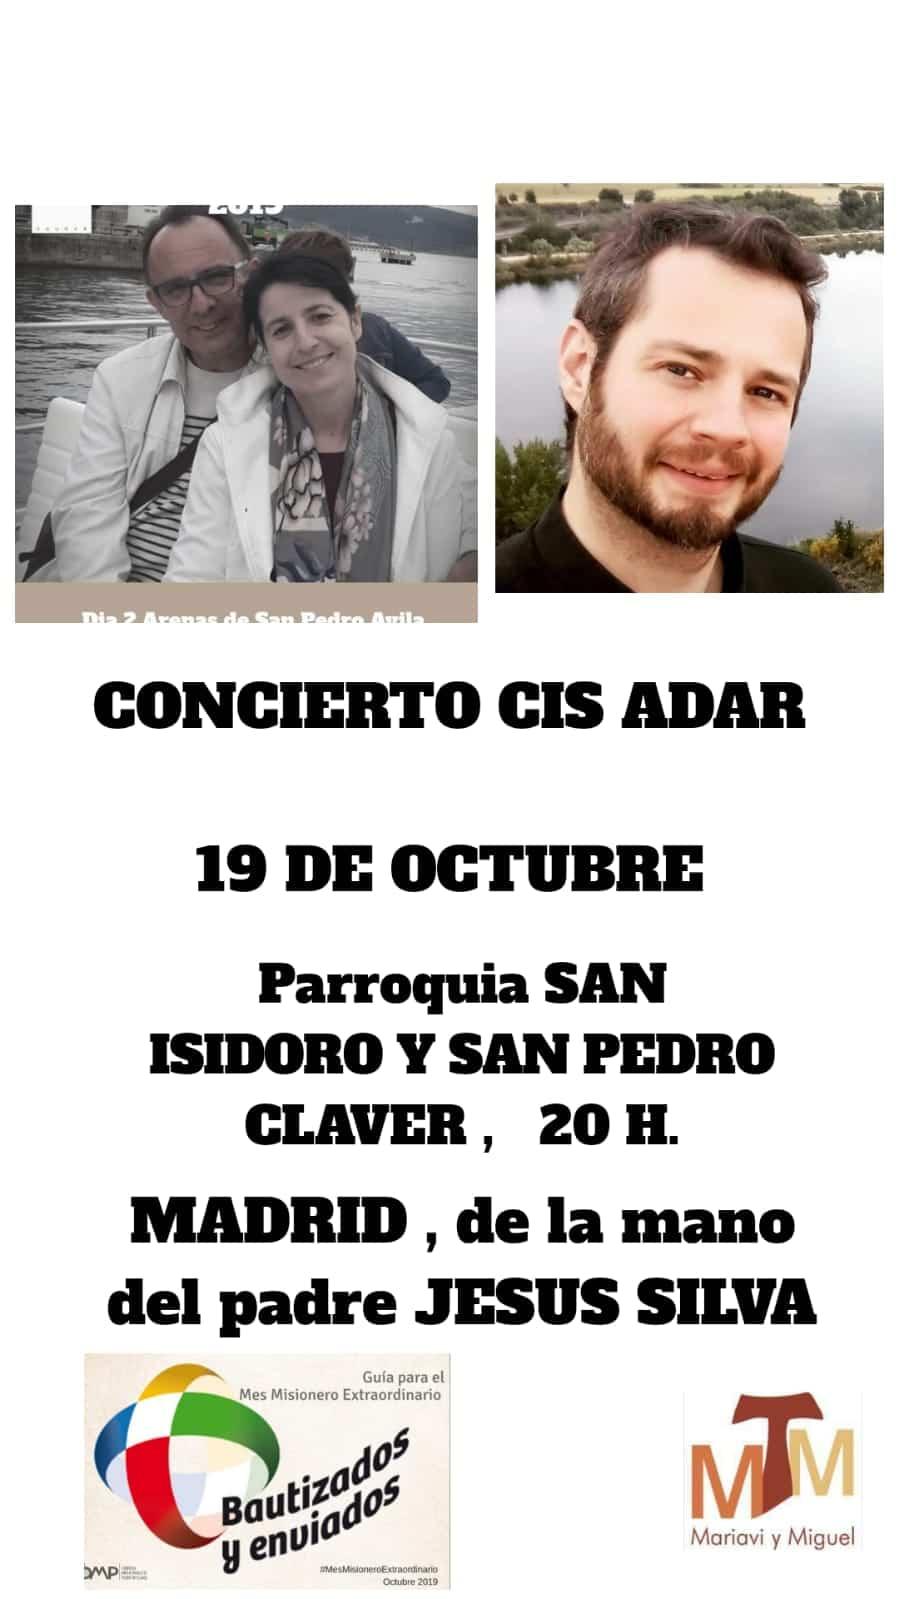 Concierto de Cis Adar en Madrid 3